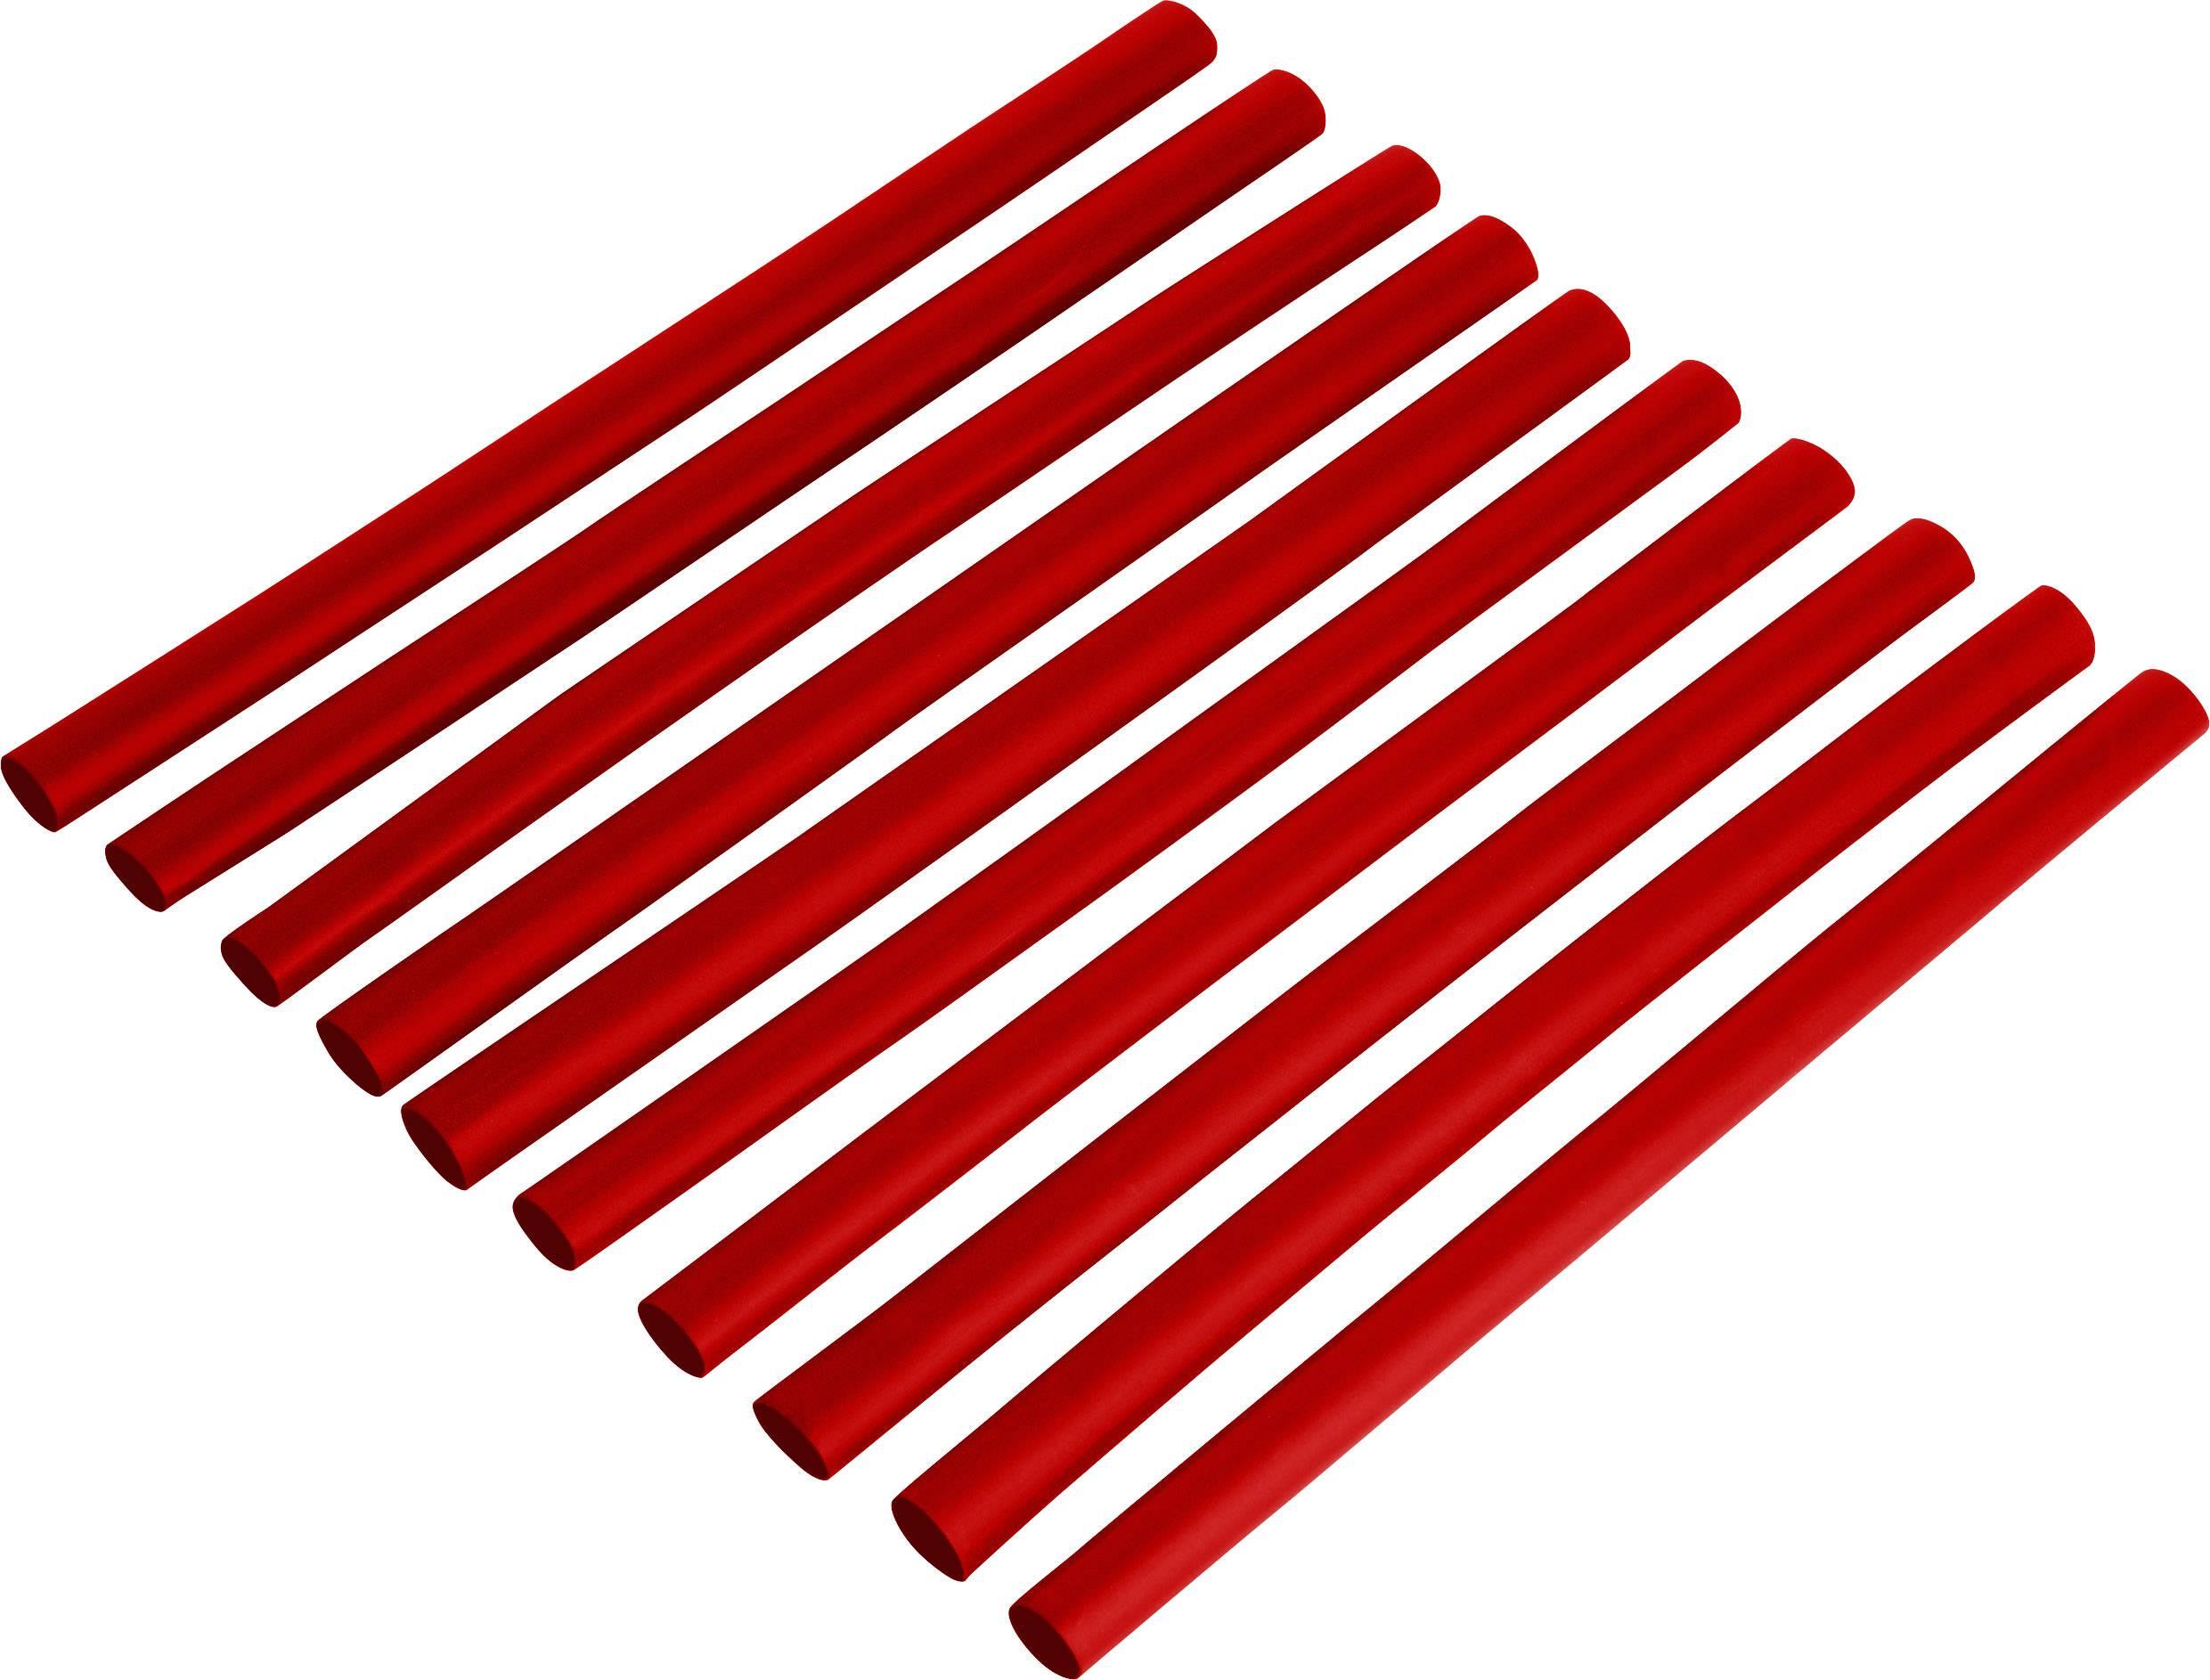 Sada zmršťovacých bužírok DSG Canusa 2810032302CO, 2:1, 1.60 mm /3.20 mm, červená, 1 sada